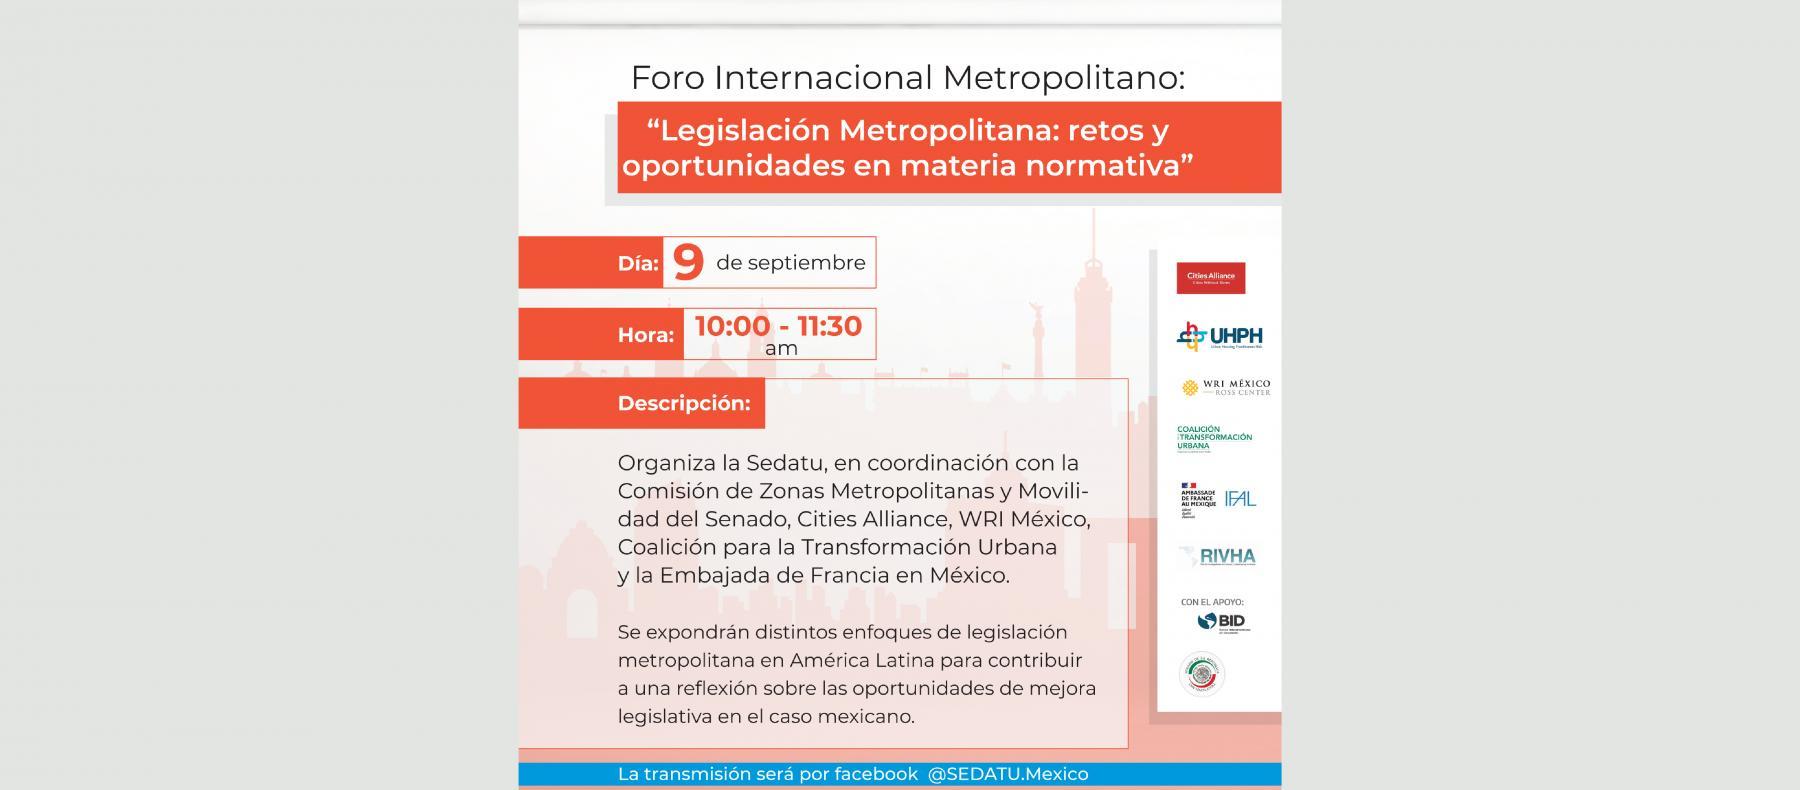 lav-foro-internacional-metropolitano